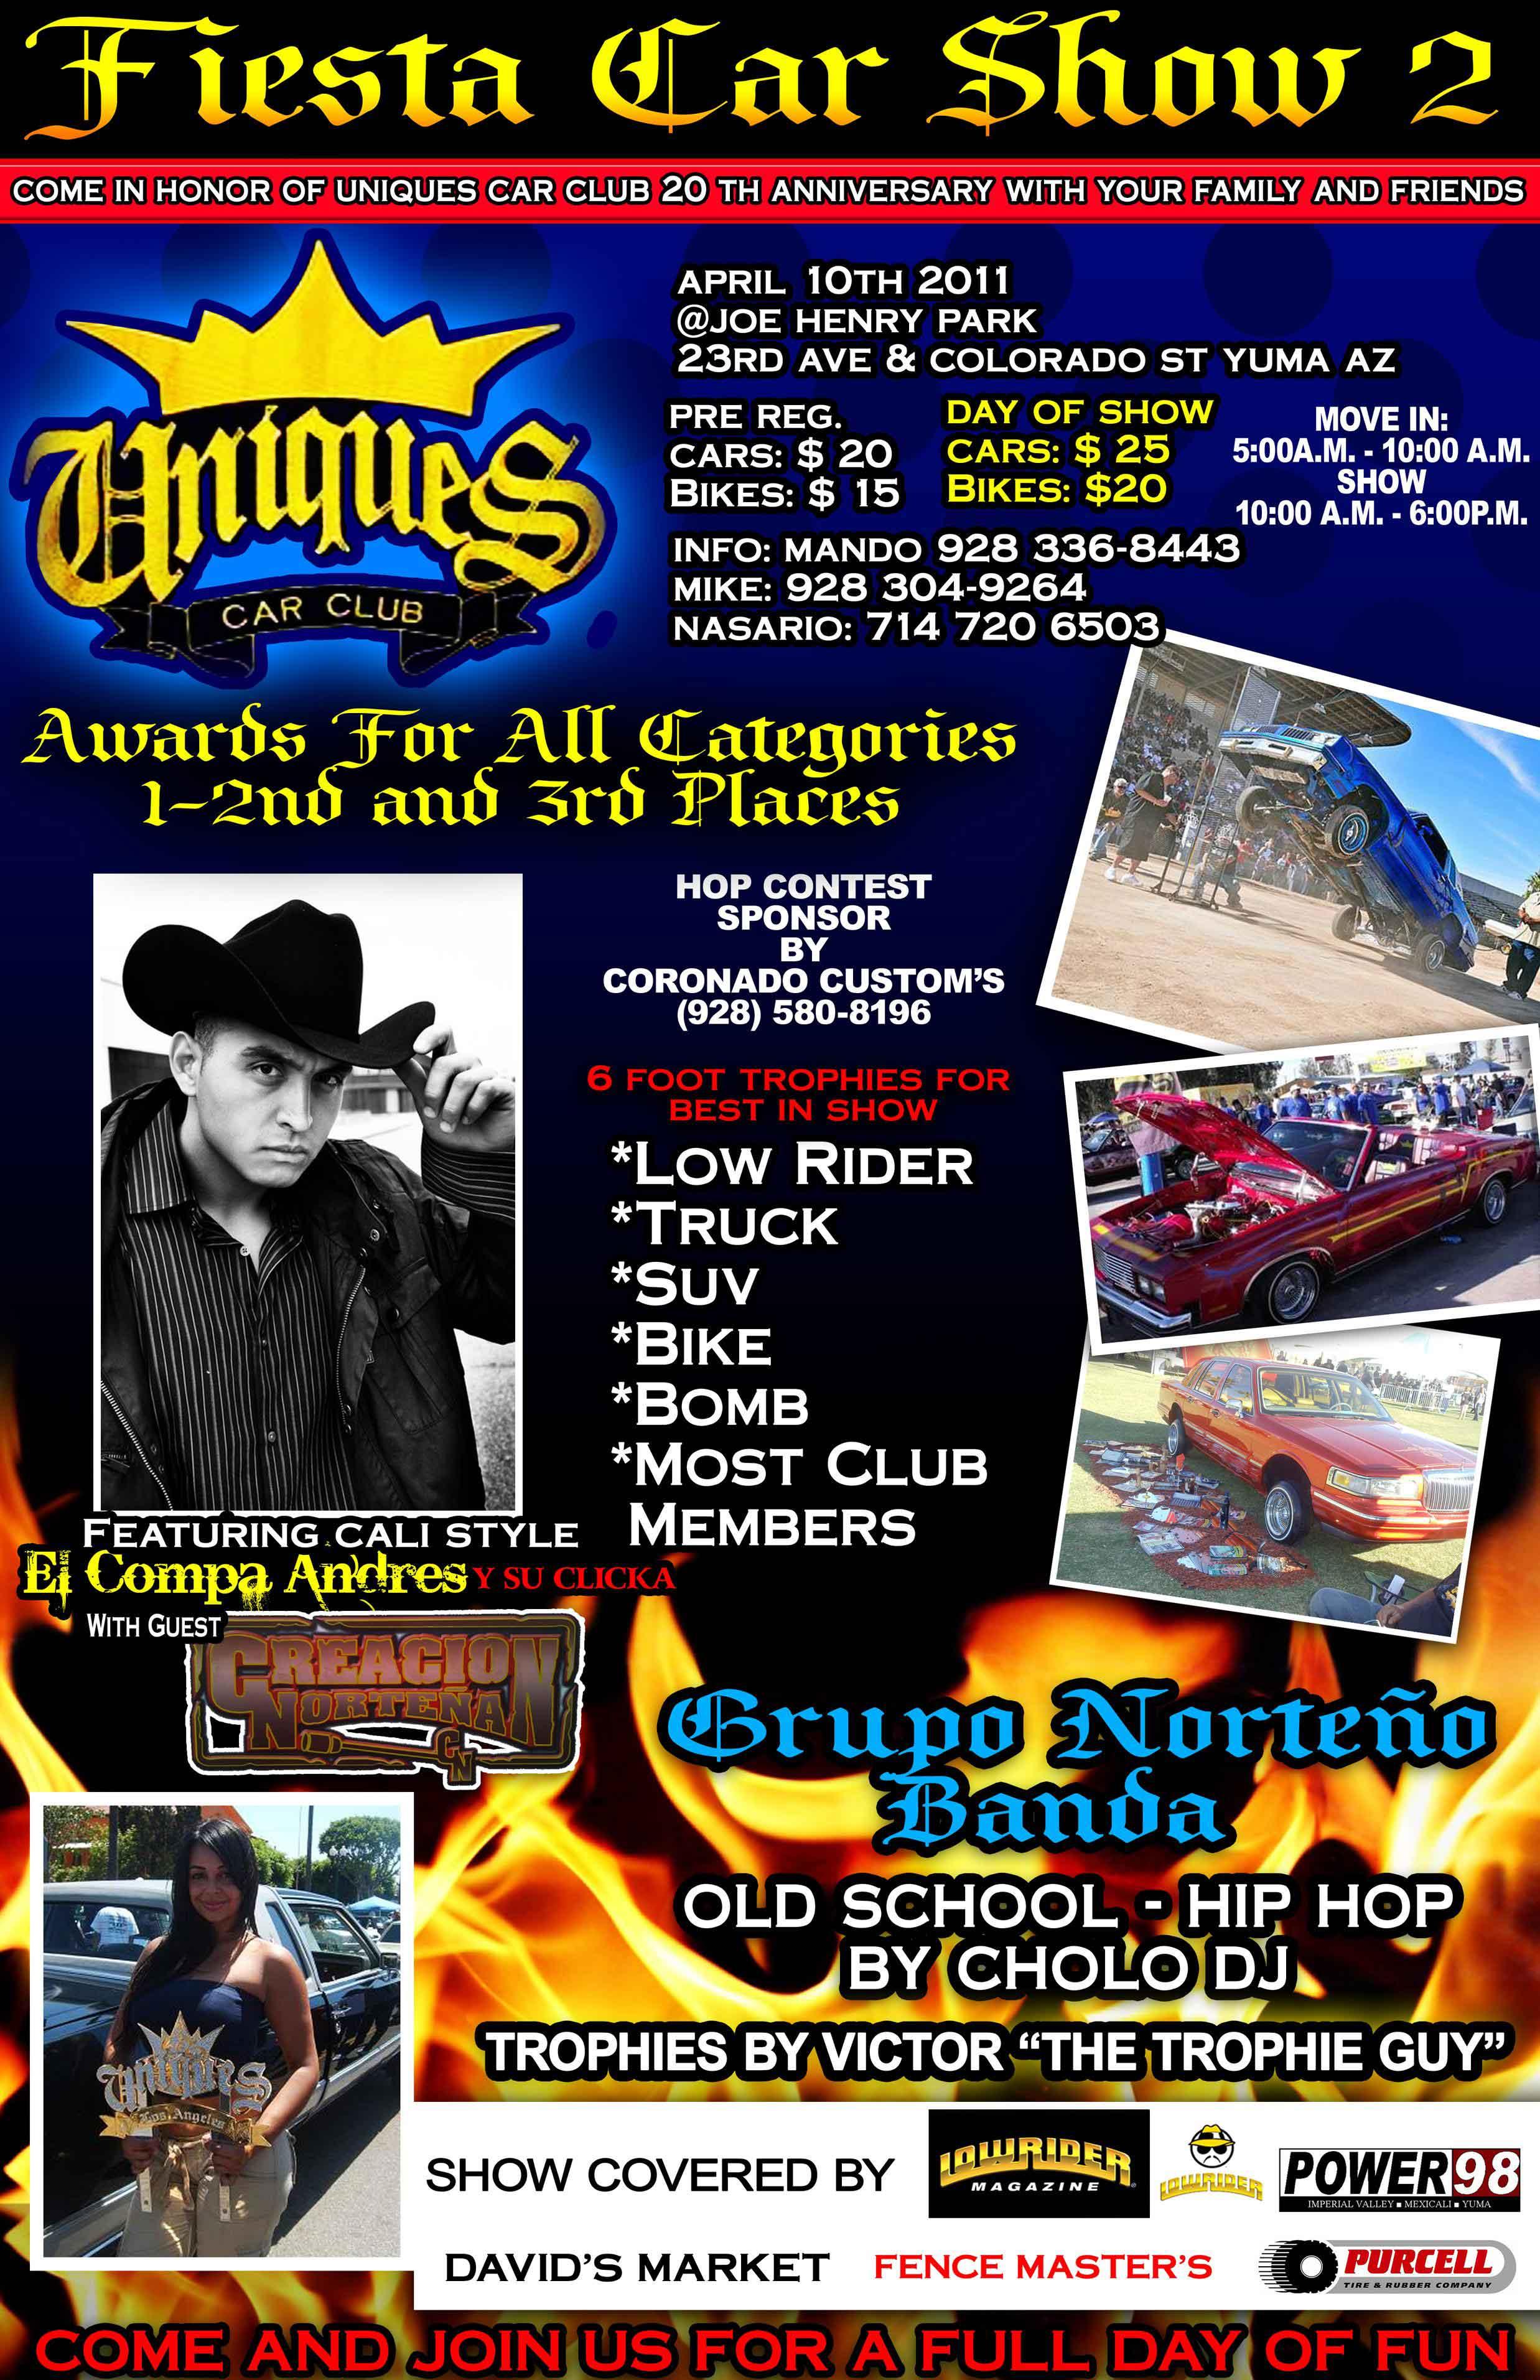 lrmp_1103_01_o-uniques_car_club_fiesta_car_show_2-flyer2